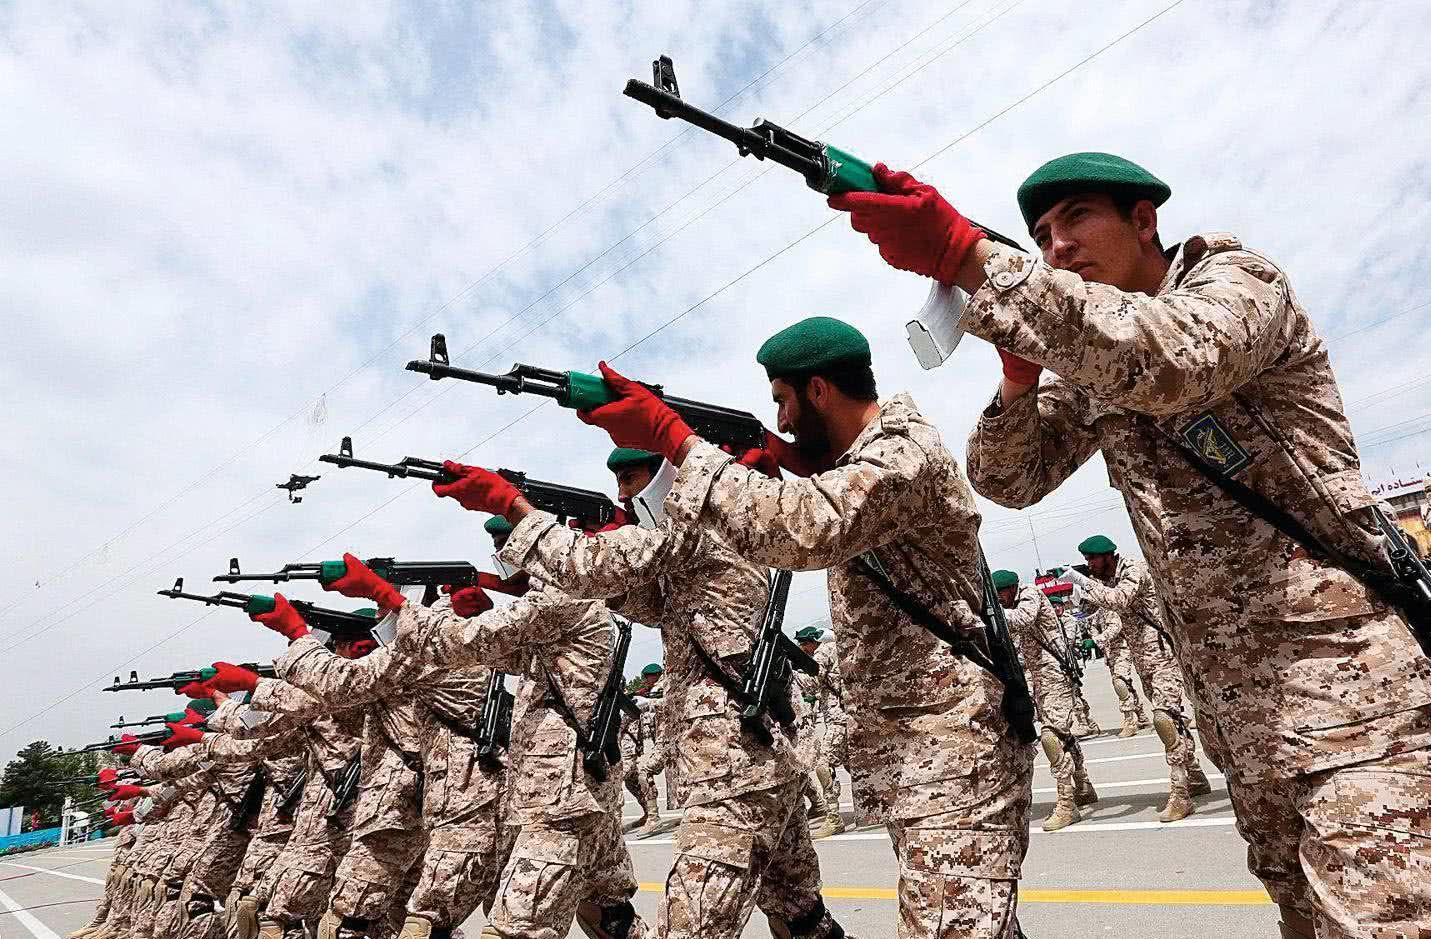 伊朗专家说出大实话:根本不担心美国动武,无法承受惨重代价